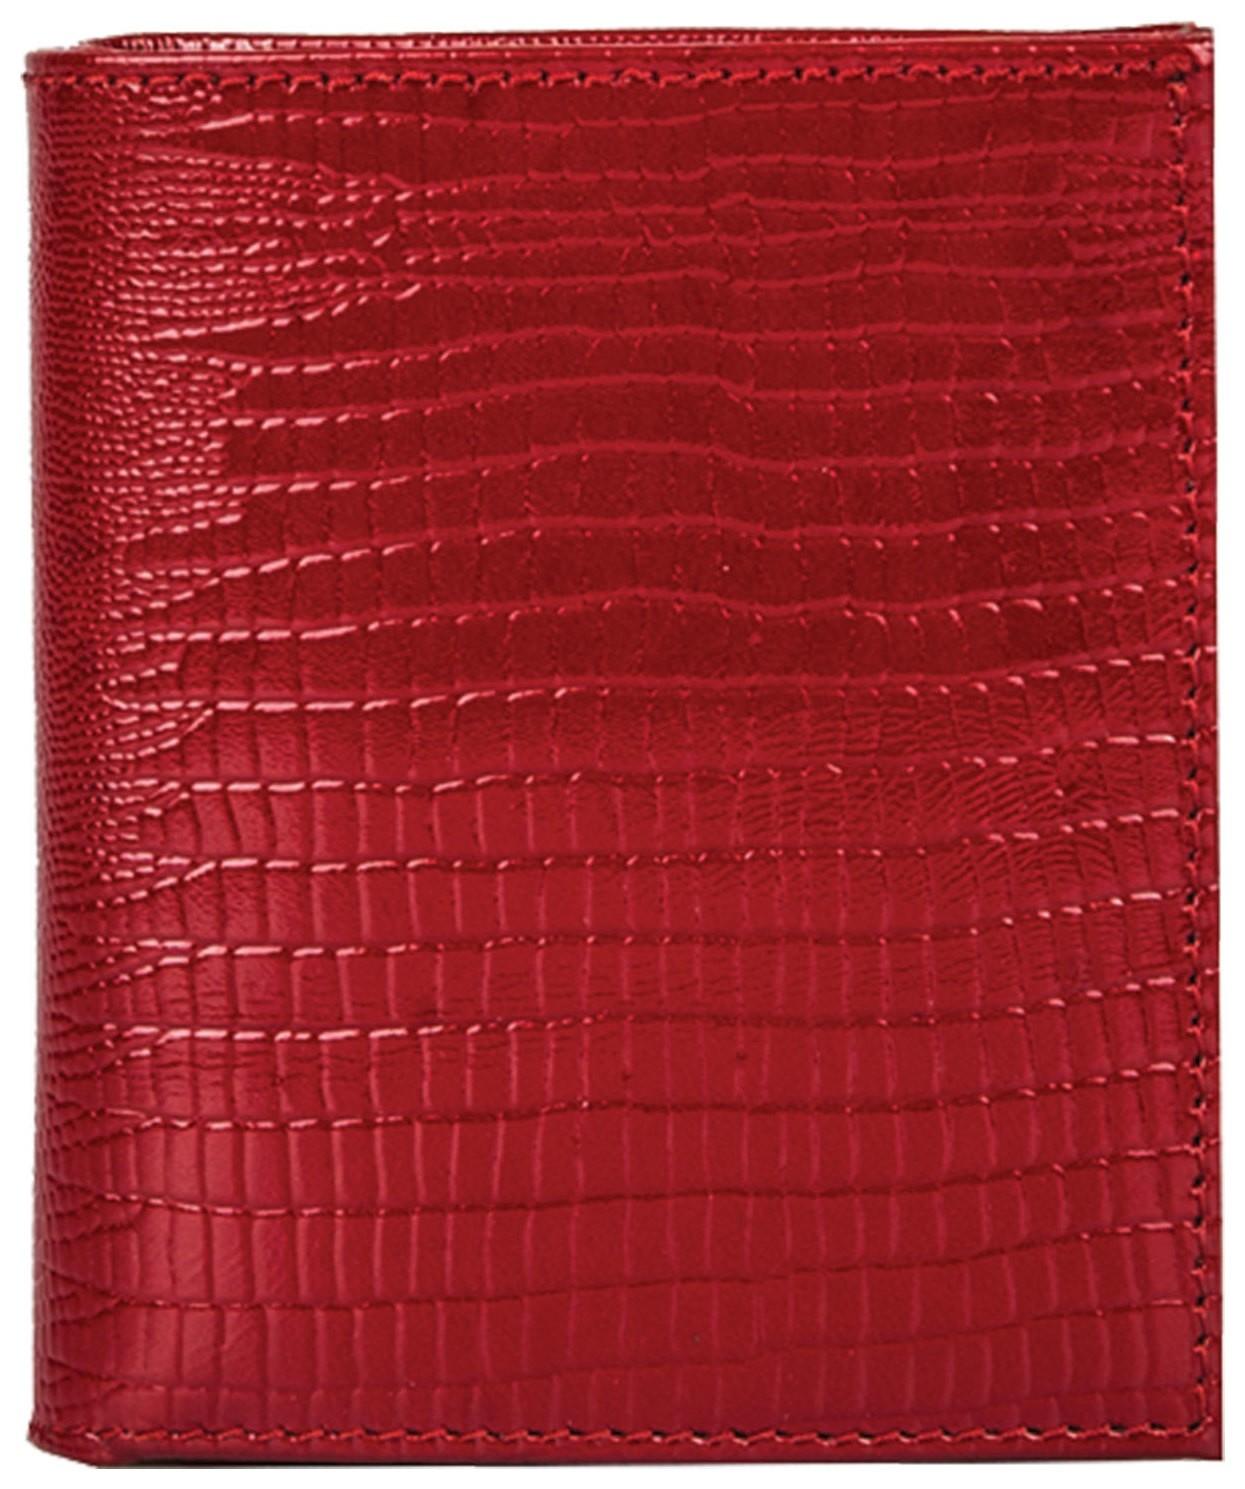 Портмоне женское Fabula, 90х100 мм, натуральная кожа, скрытая кнопка, ящерица, красное, Pj.177.кк  Fabula